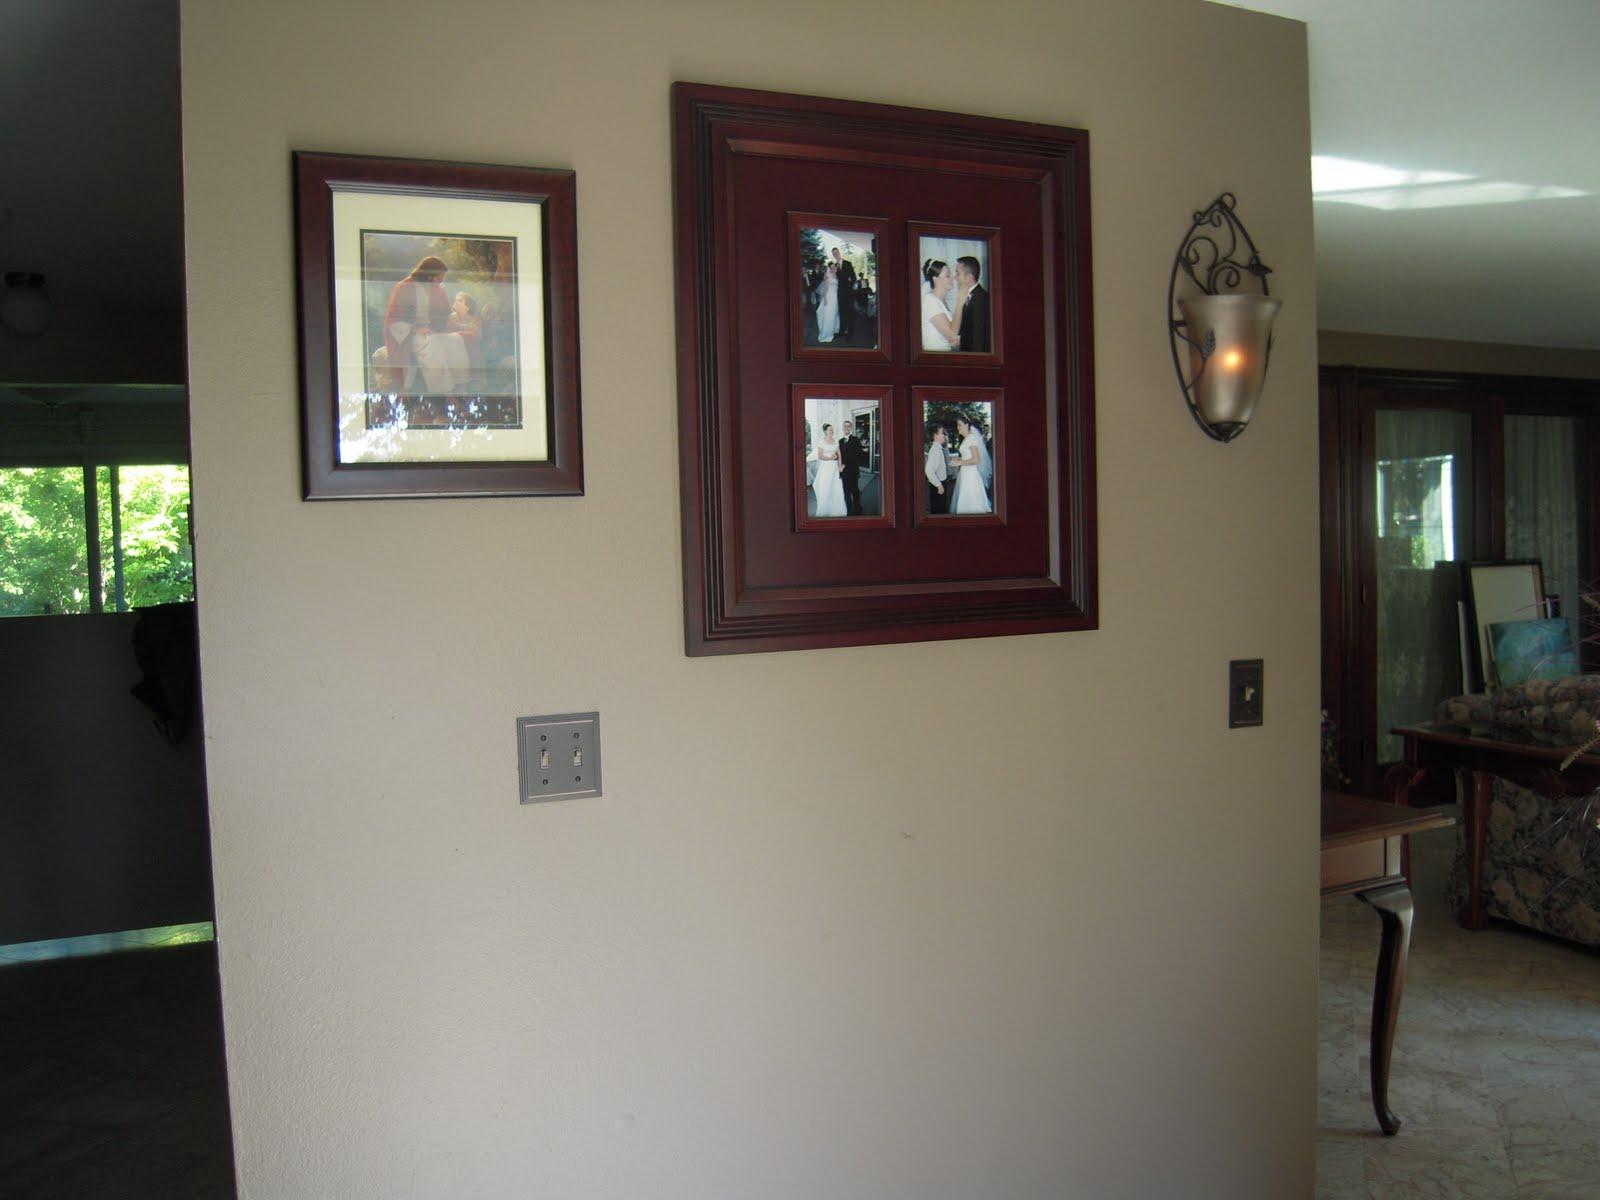 Split Foyer House For Sale : House for sale elegant split entry